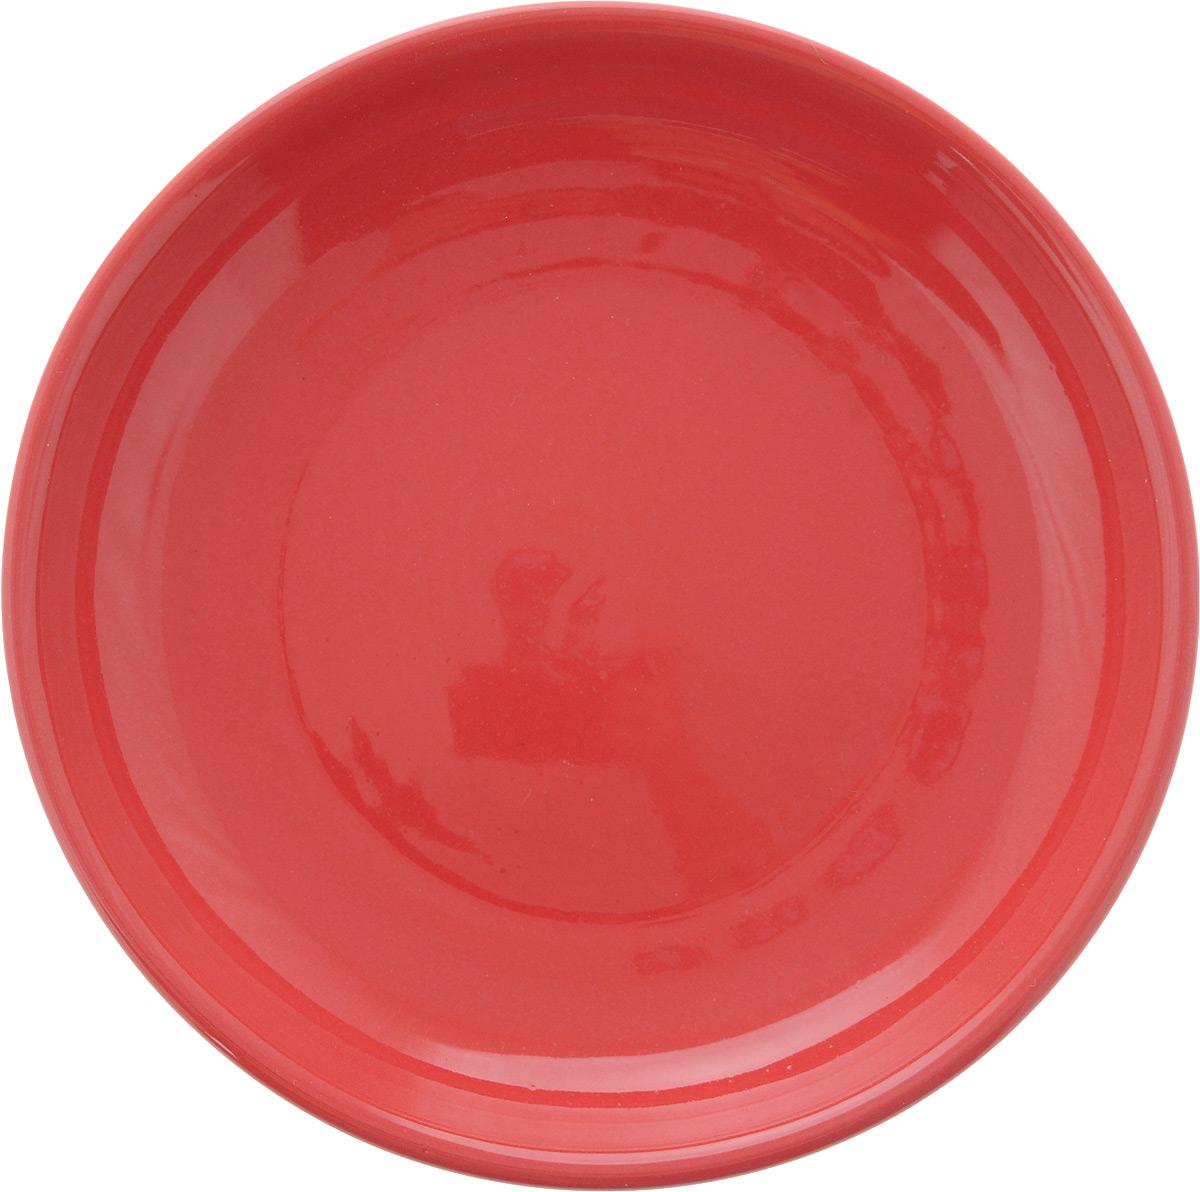 """Тарелка Борисовская керамика """"Радуга"""" изготовлена из керамики. Изделие идеально подойдет для сервировки стола. Тарелка отлично впишется в любой интерьер современной кухни и станет отличным подарком для вас и ваших близких.Можно использовать в духовке и микроволновой печи.Диаметр тарелки: 18 см.Высота тарелки: 3 см."""